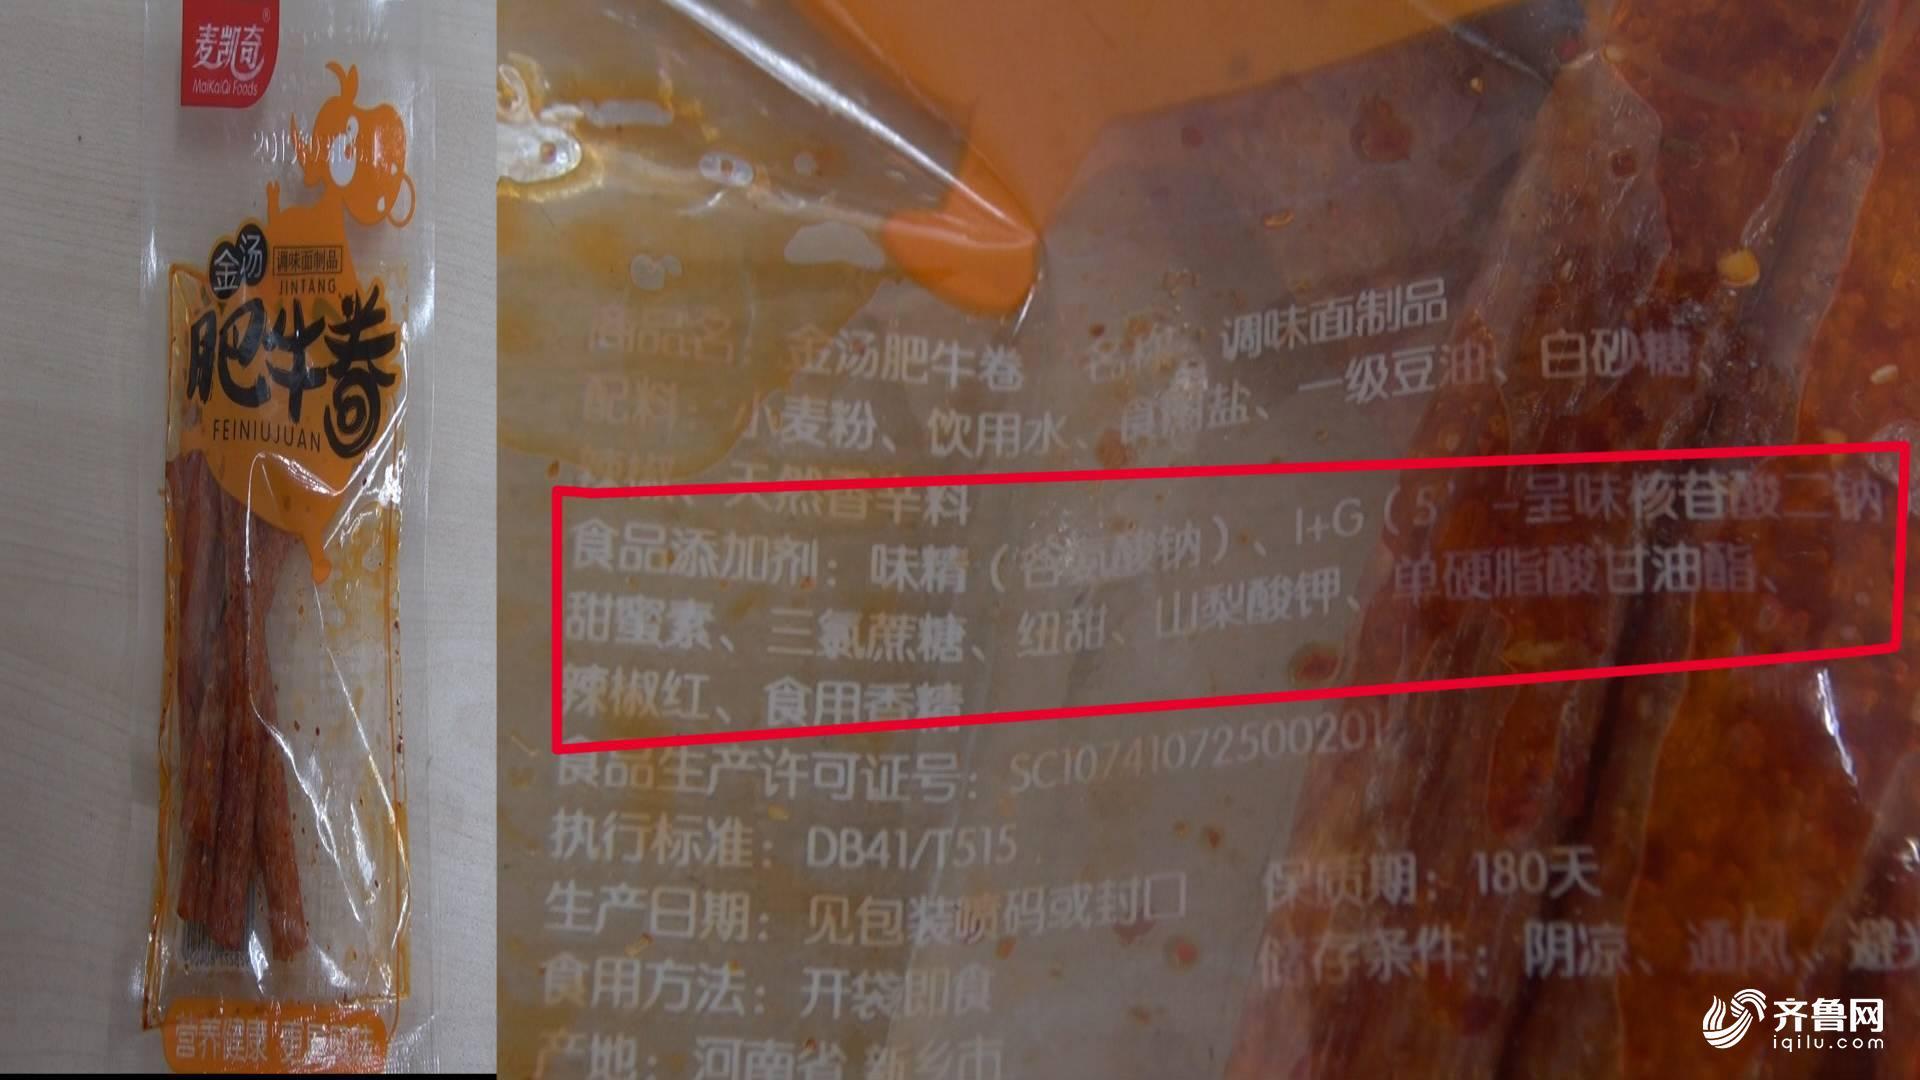 食品添加剂.JPG